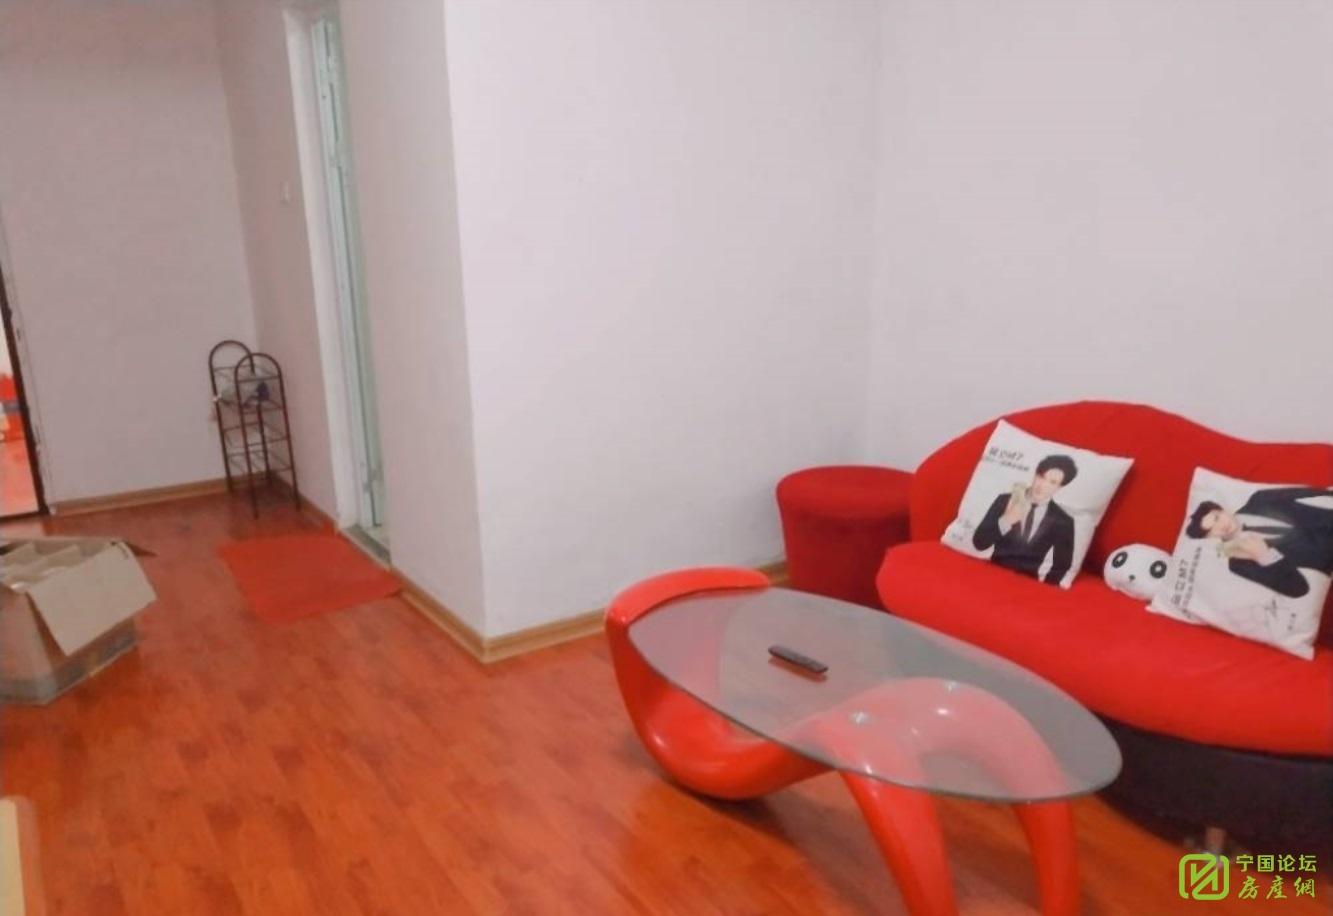 五里铺光彩城 两室两厅 租金便宜 家电齐全 拎包入住